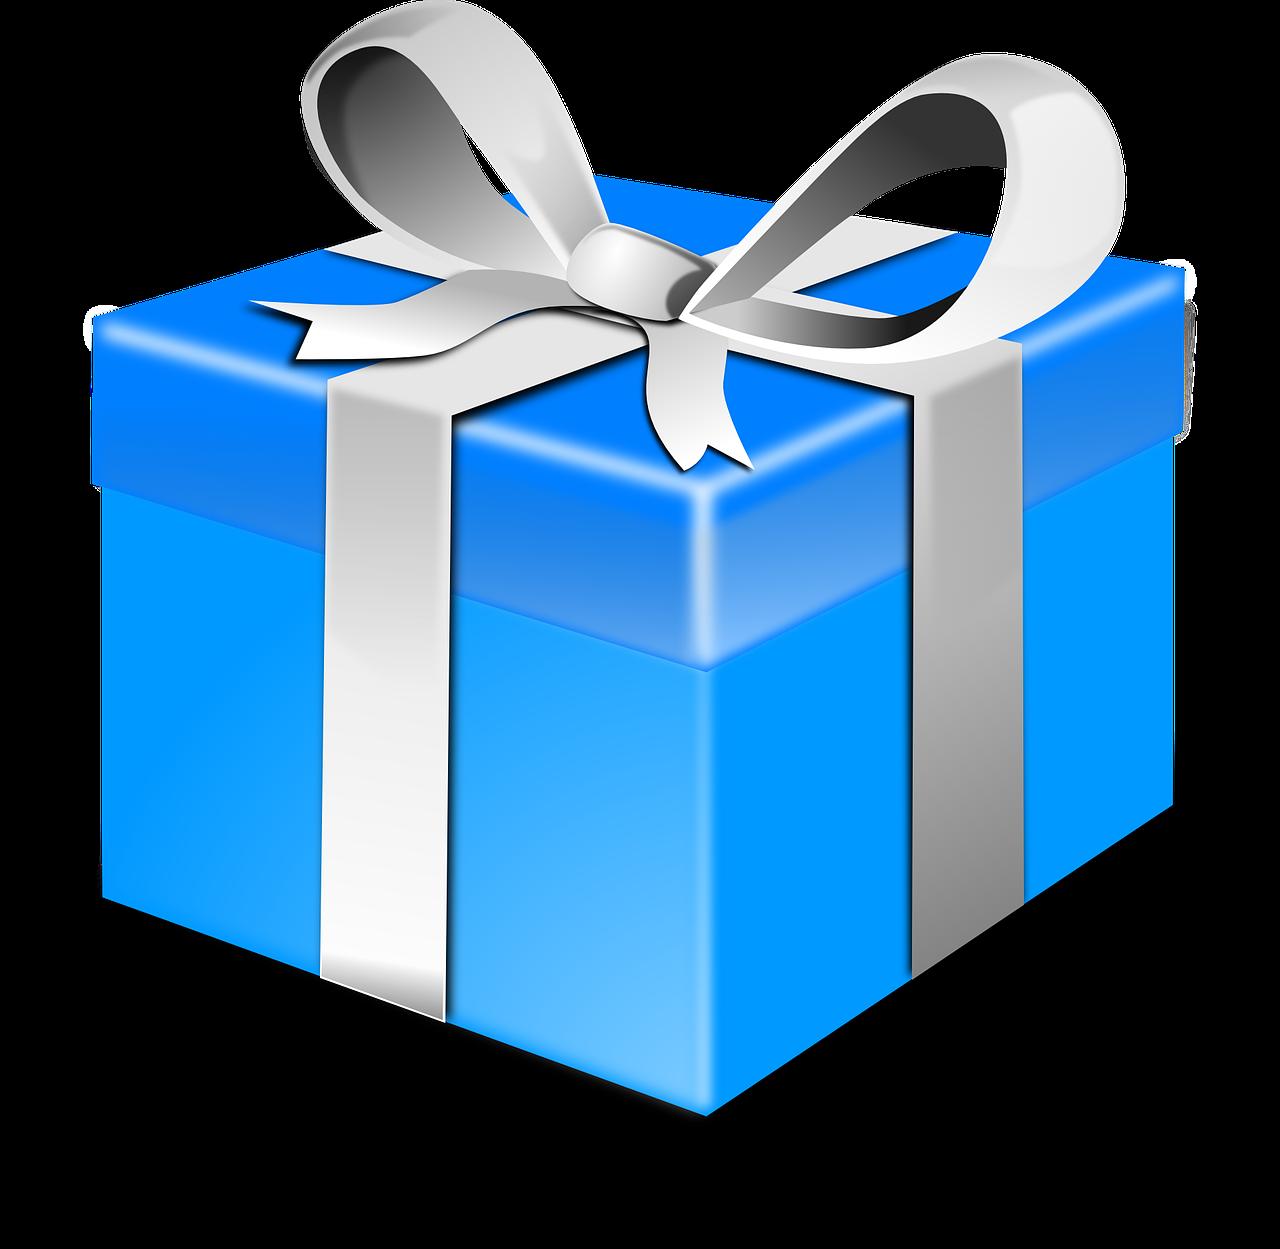 Christmas gift clip art. Surprise clipart surprise present